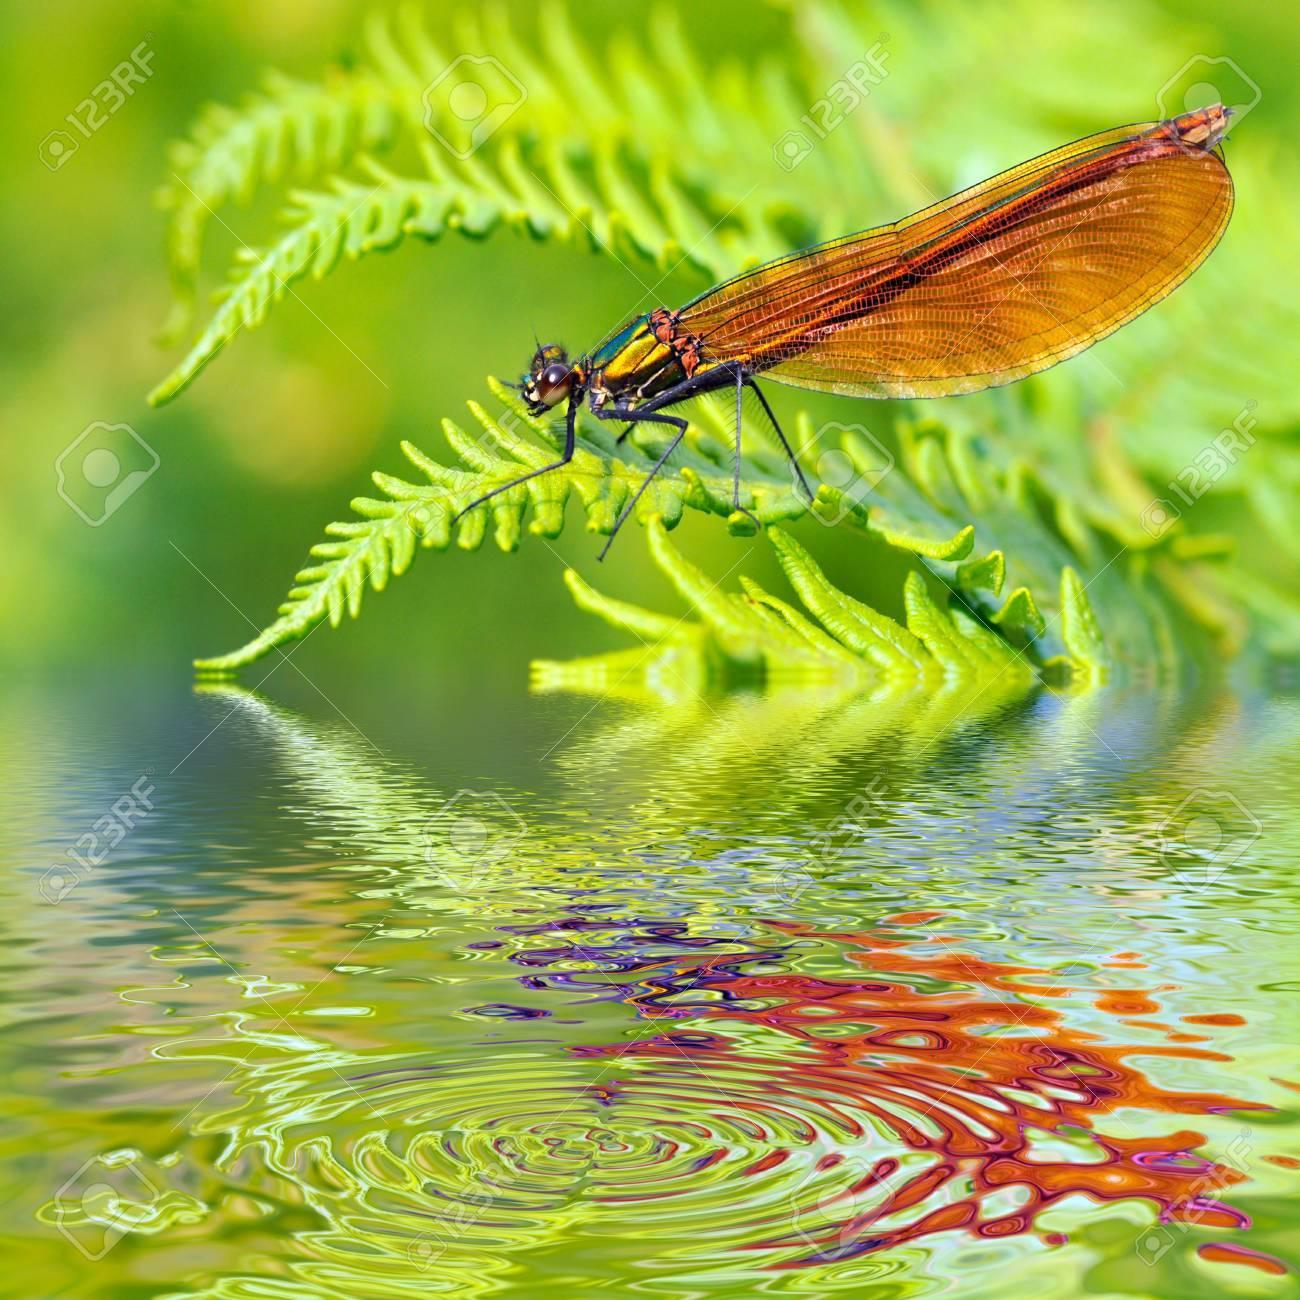 Macro De Demoiselle Femelle Calopteryx Virgo Vu De Profil Sur Feuille Fougere Au Dessus De Eau A Reflet Effet Numerique Banque D Images Et Photos Libres De Droits Image 8005969